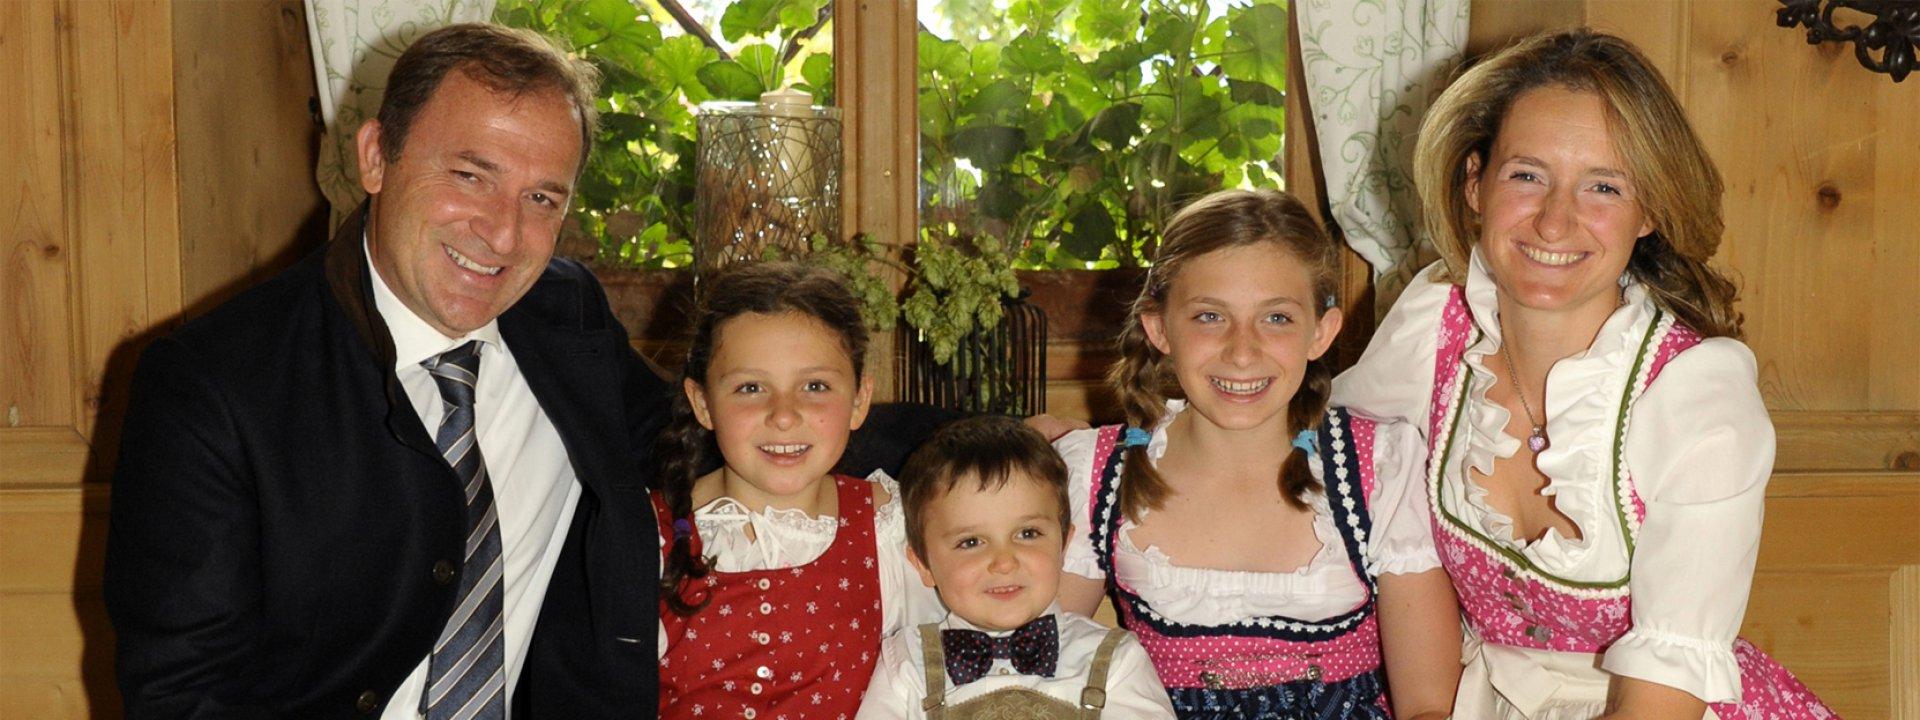 Barbara mit ihrem Mann und den drei Kindern im Hotel Oberwirt